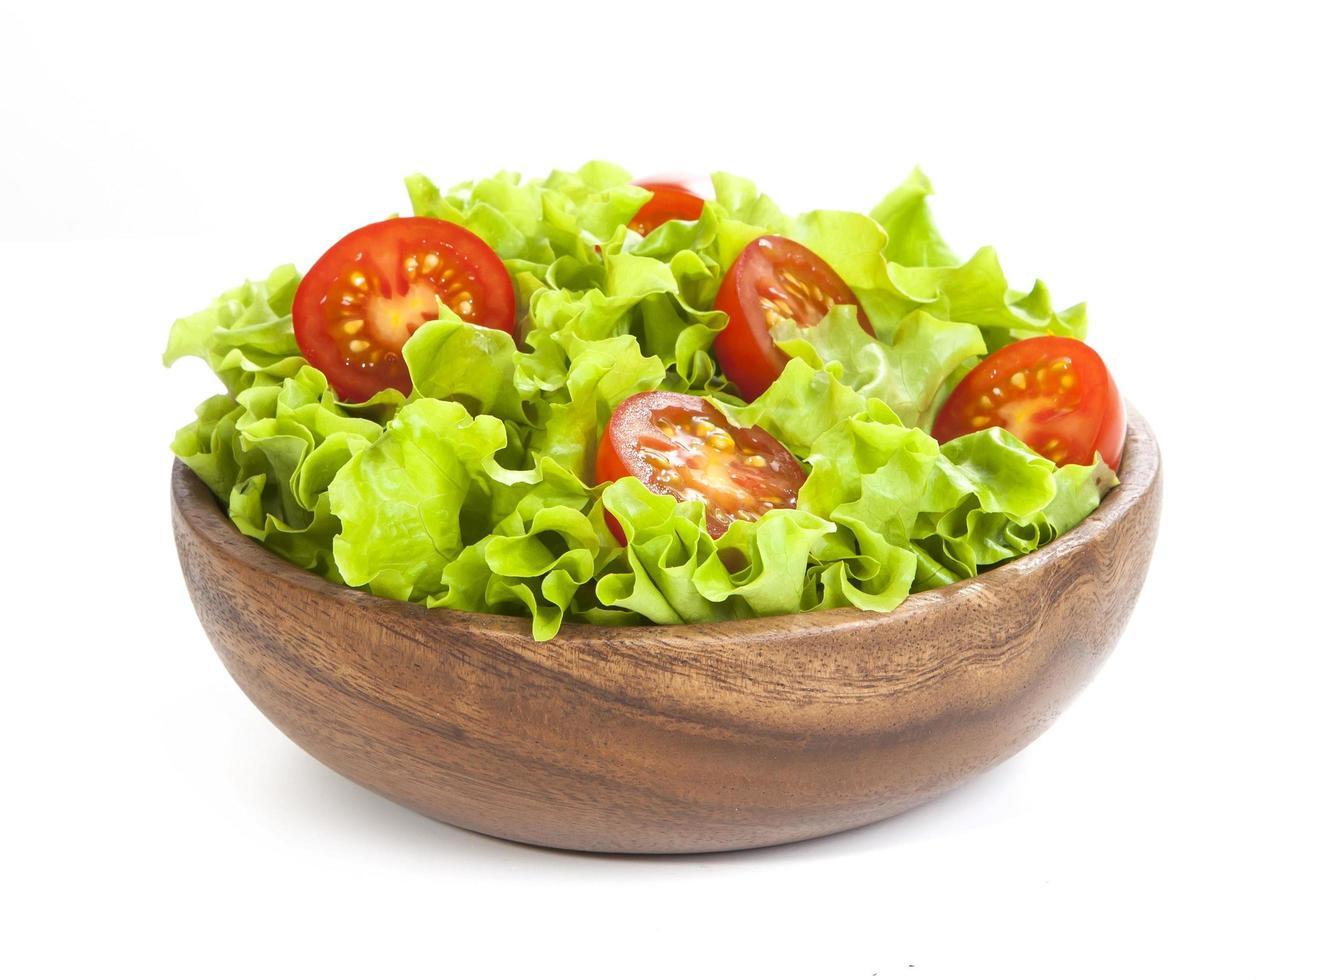 tomaat en sla geïsoleerd op een witte achtergrond foto